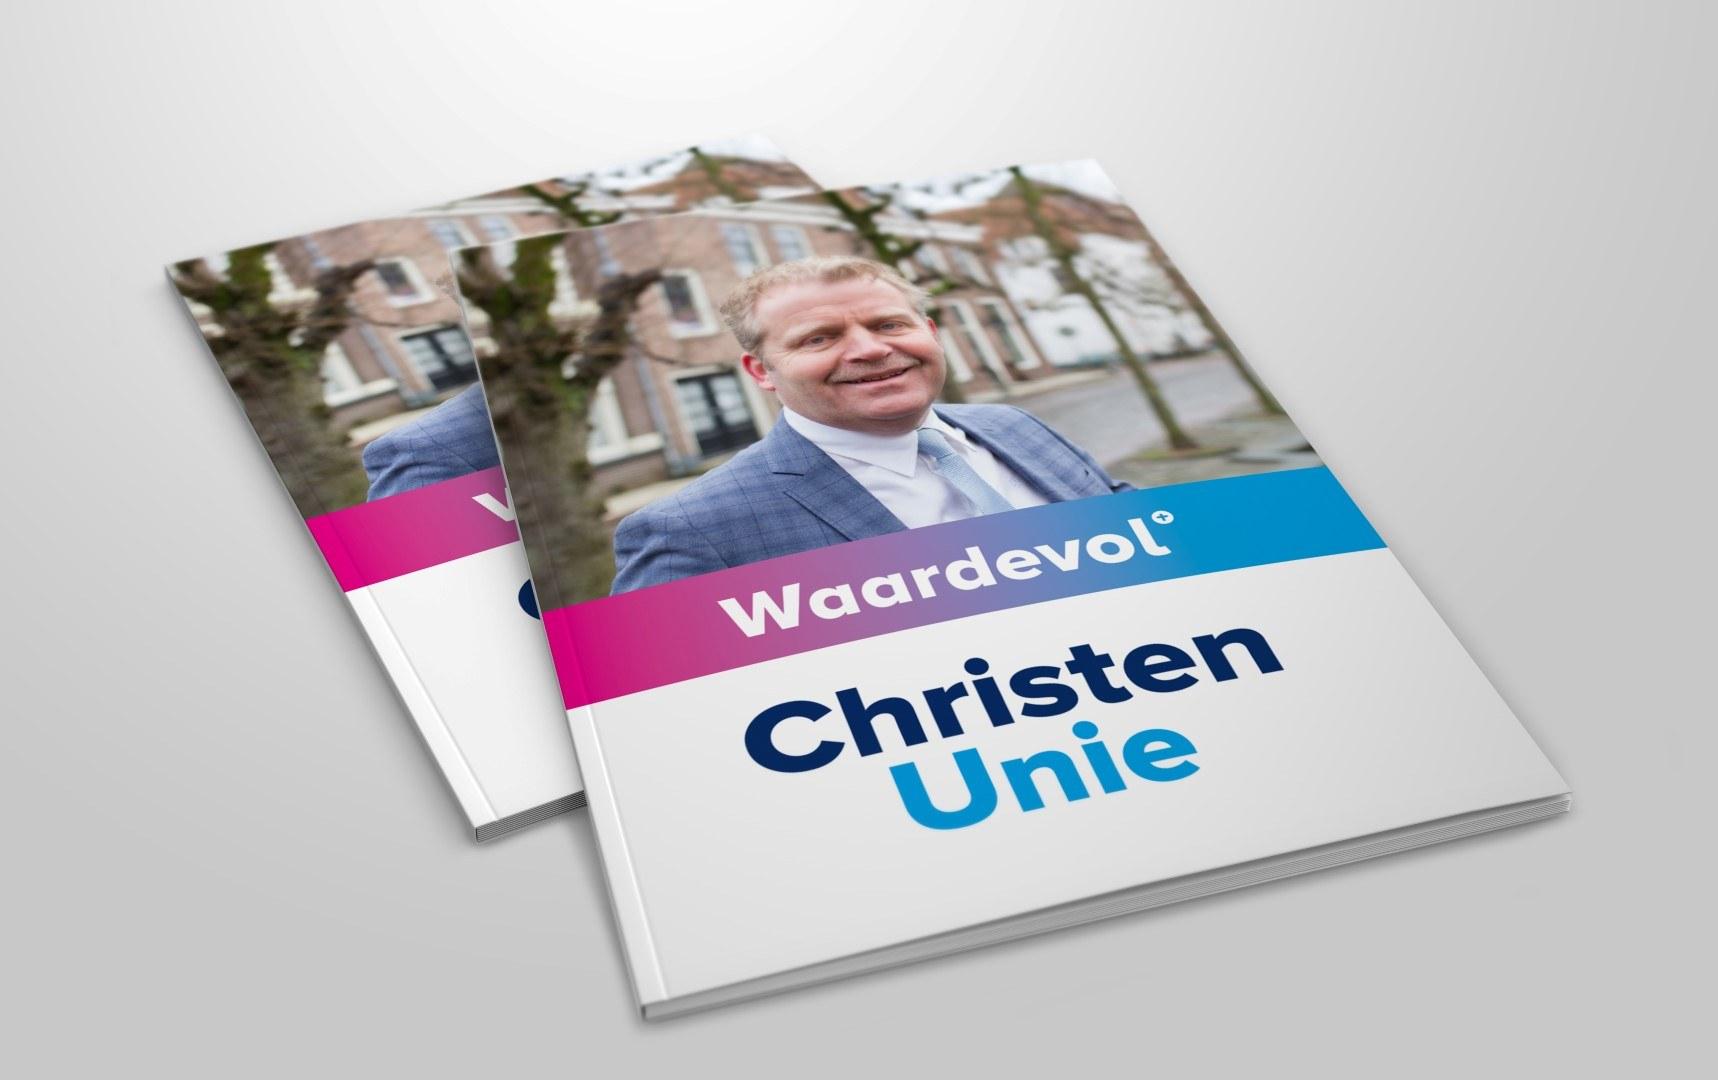 Christenunie V1